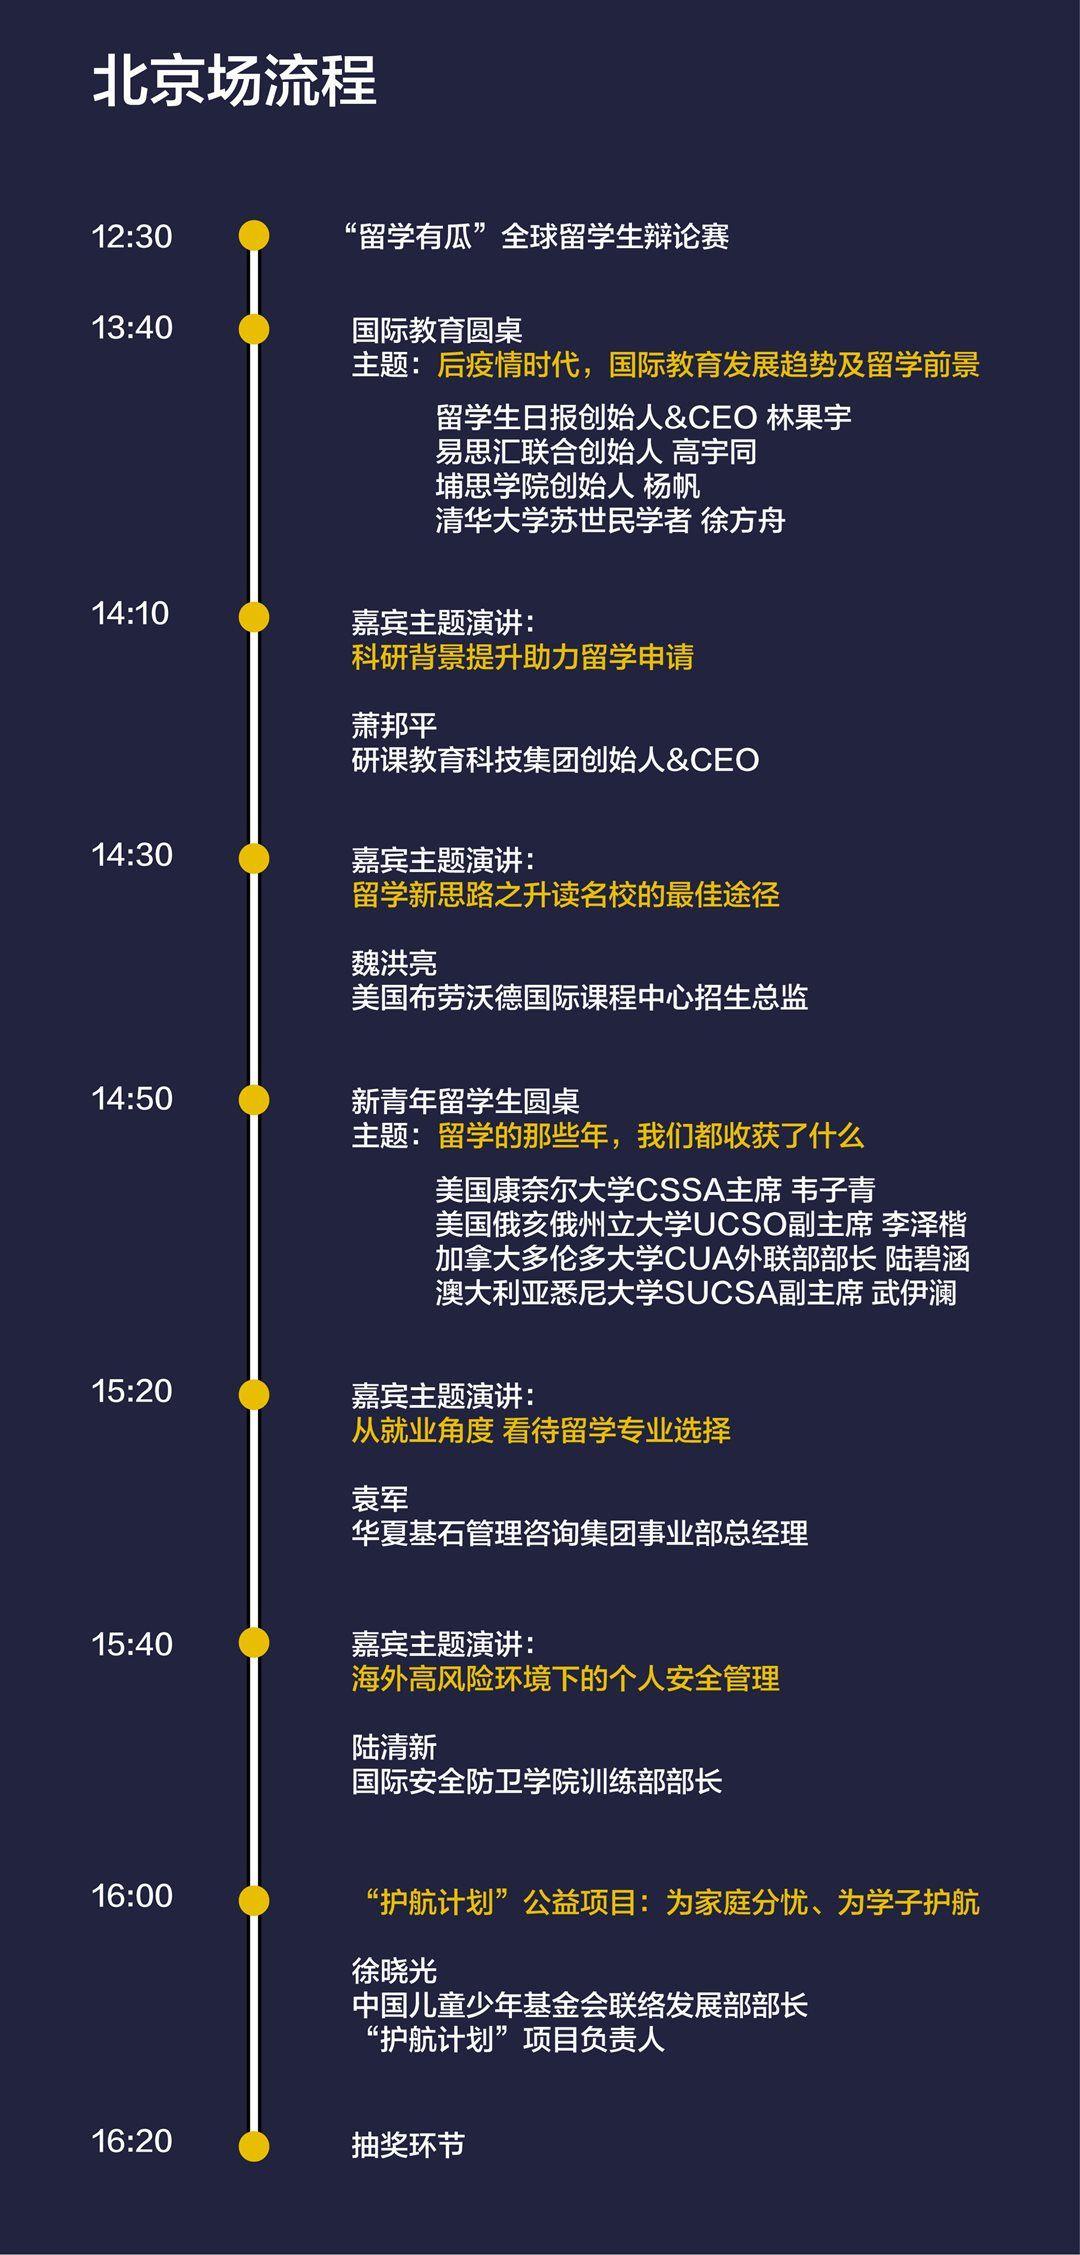 北京演讲流程-01.png